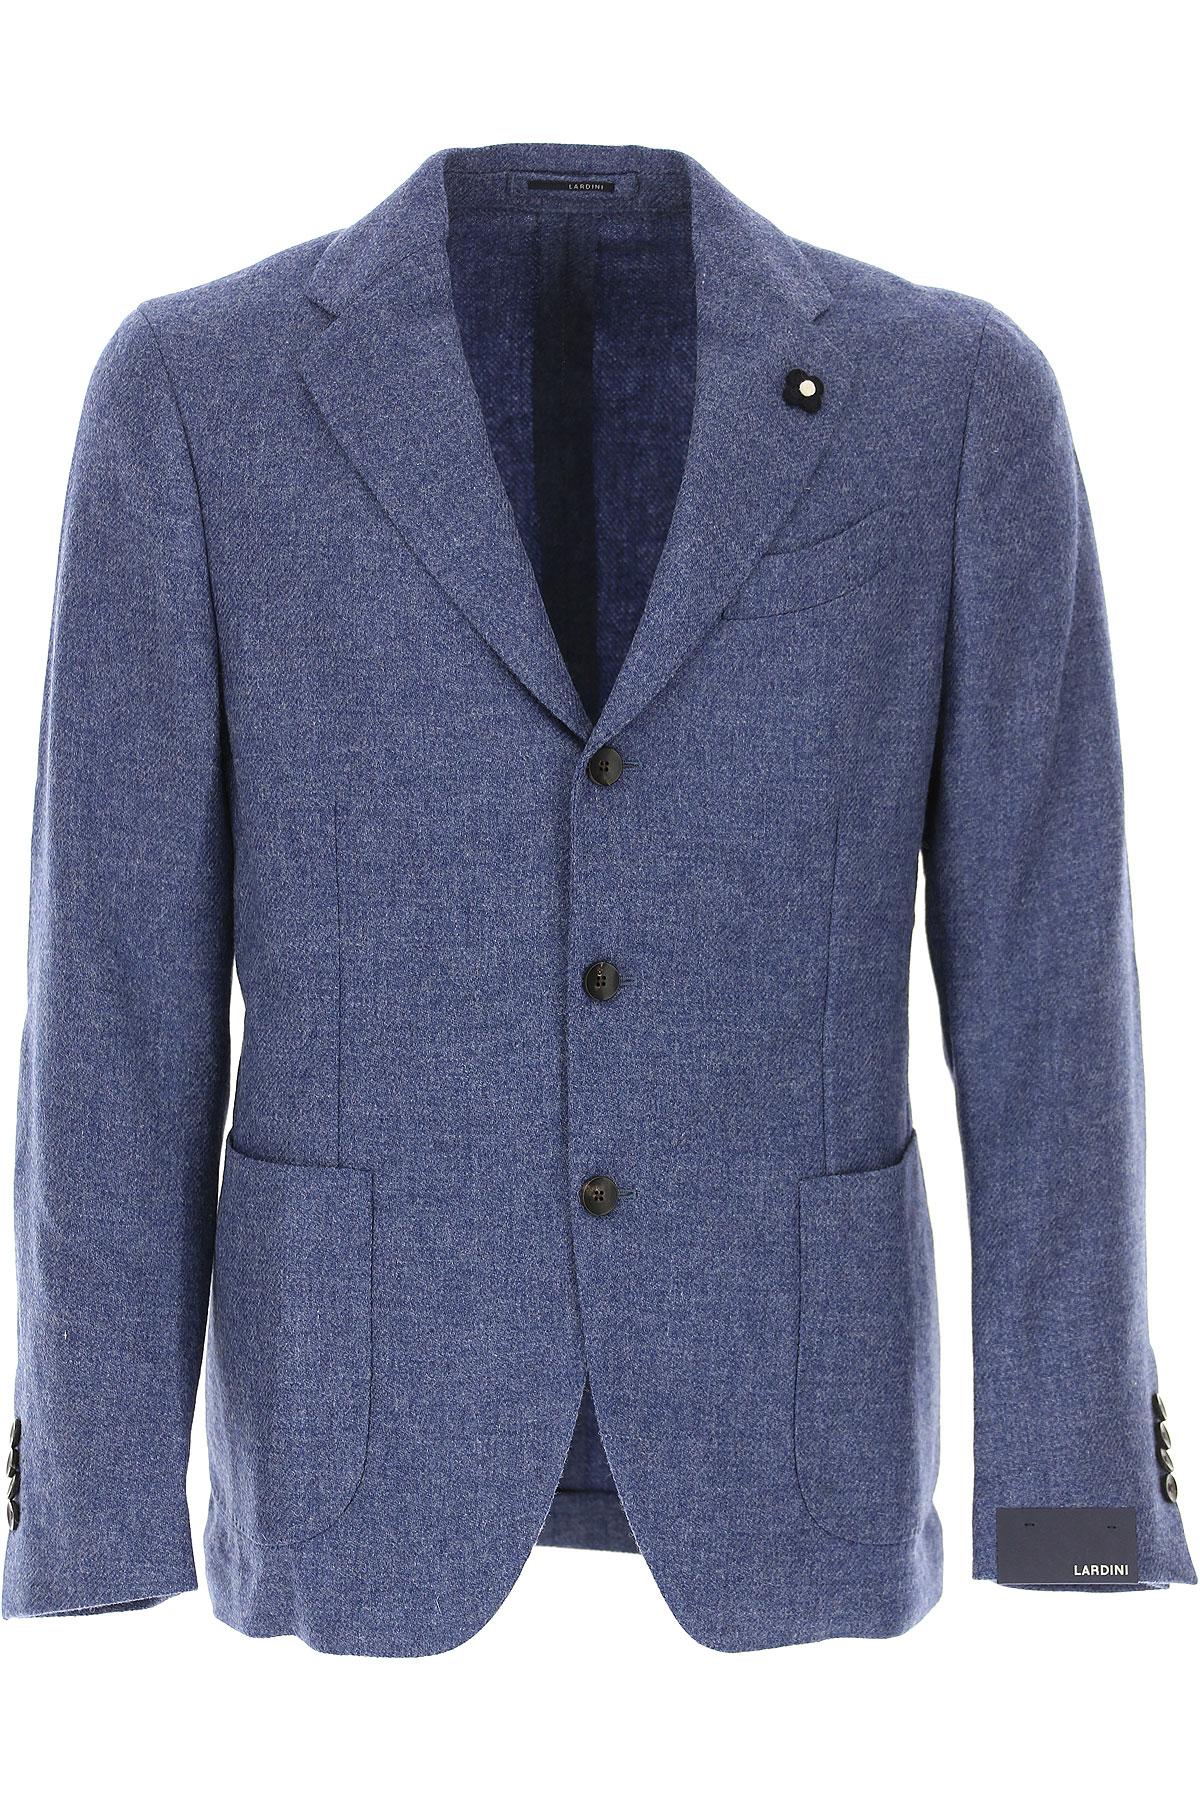 Image of Lardini Blazer for Men, Sport Coat, Blue, Wool, 2017, L M S XL XXXL